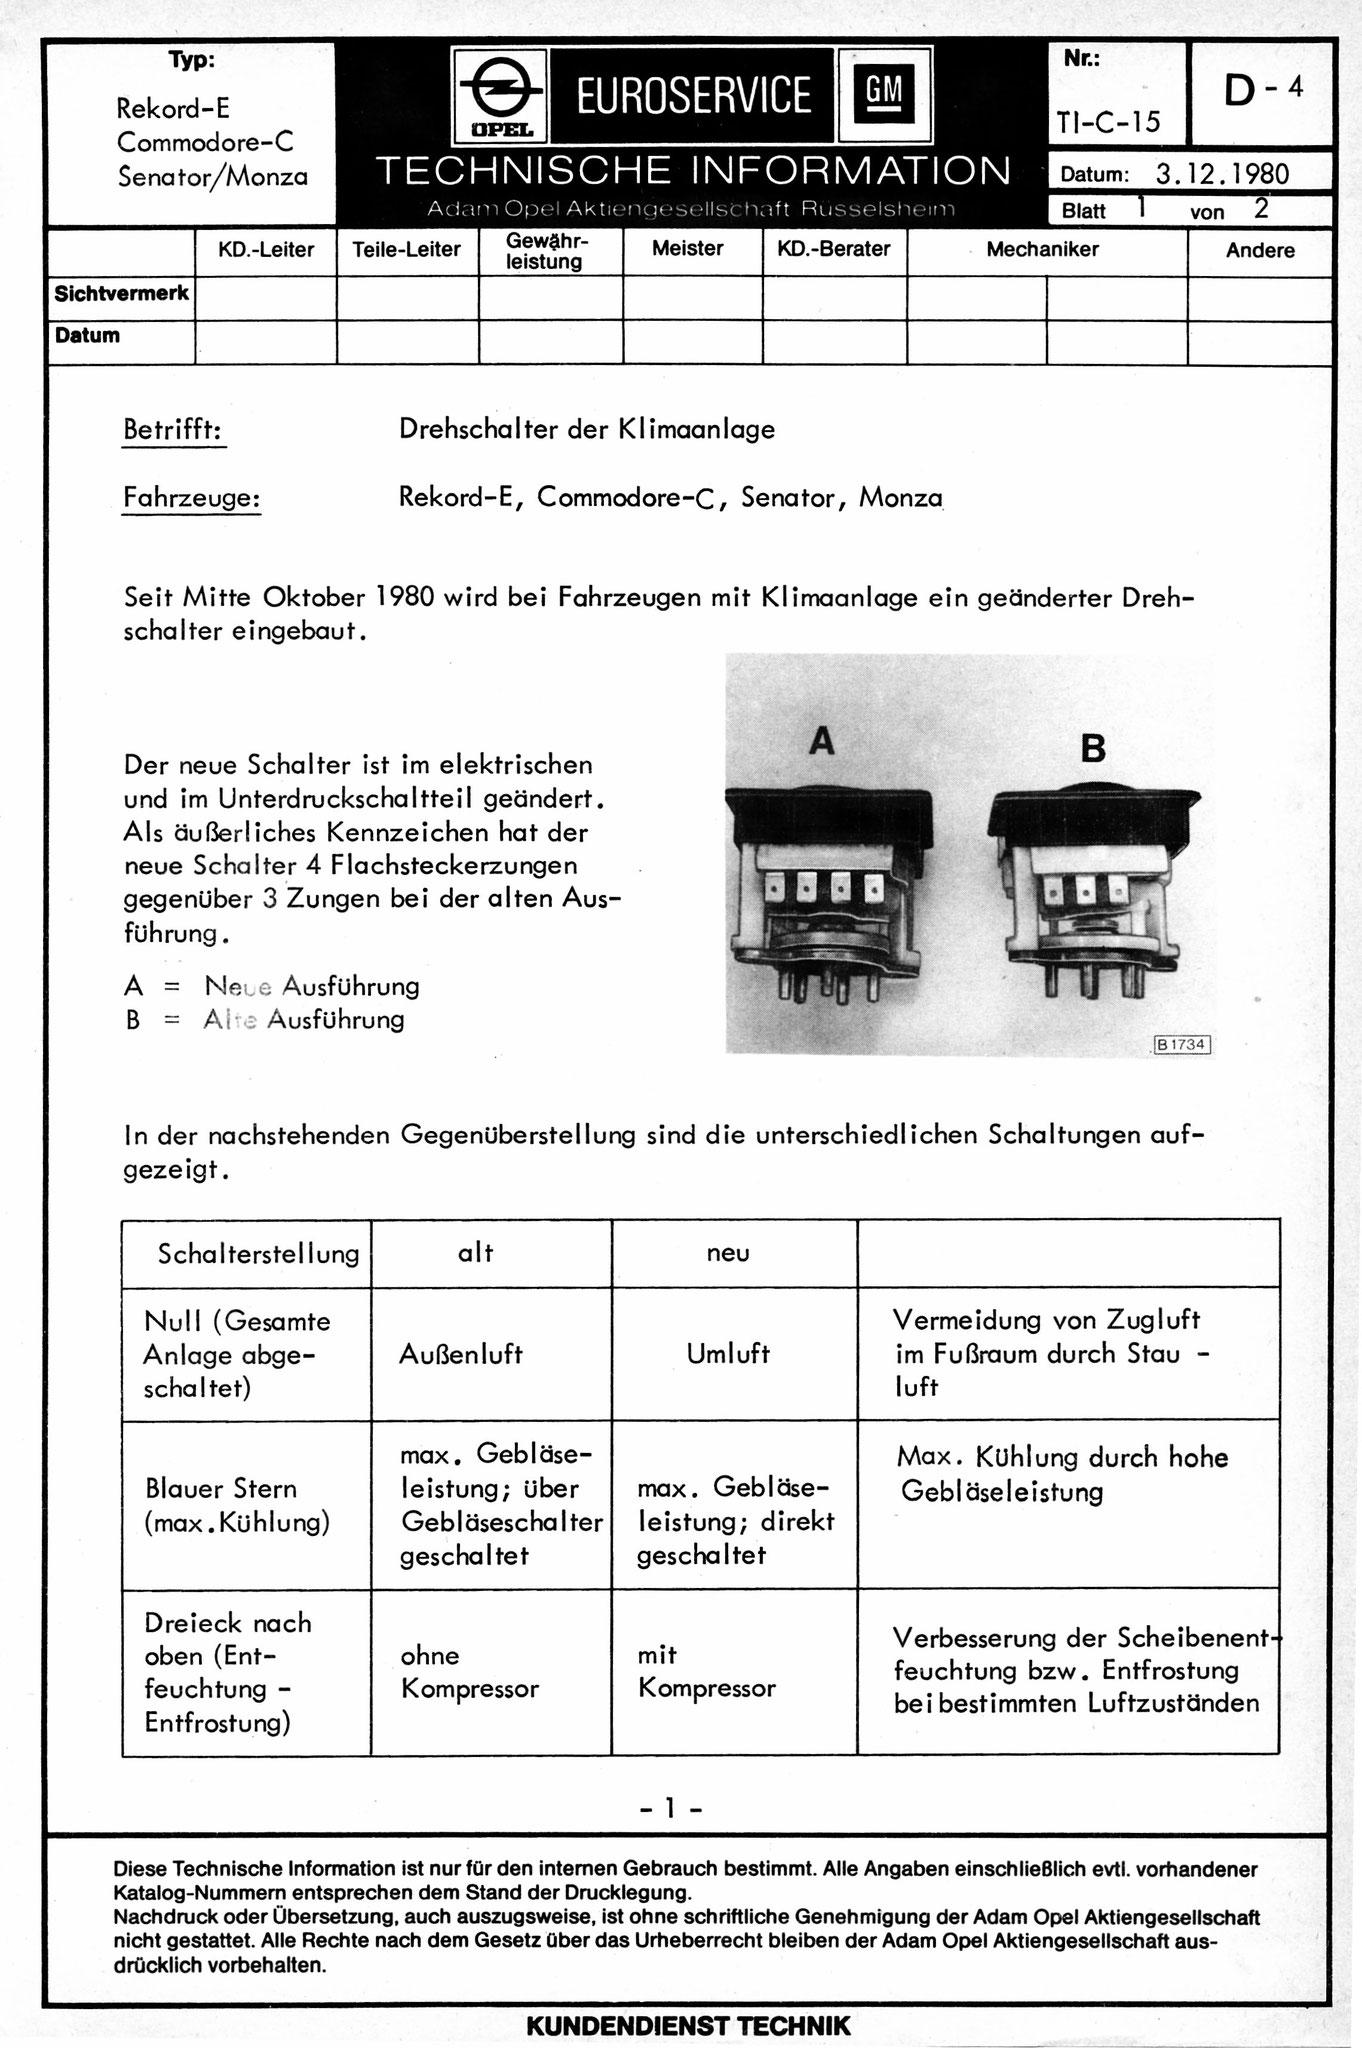 Groß Db25 Drahtfarbcode Fotos - Der Schaltplan - greigo.com